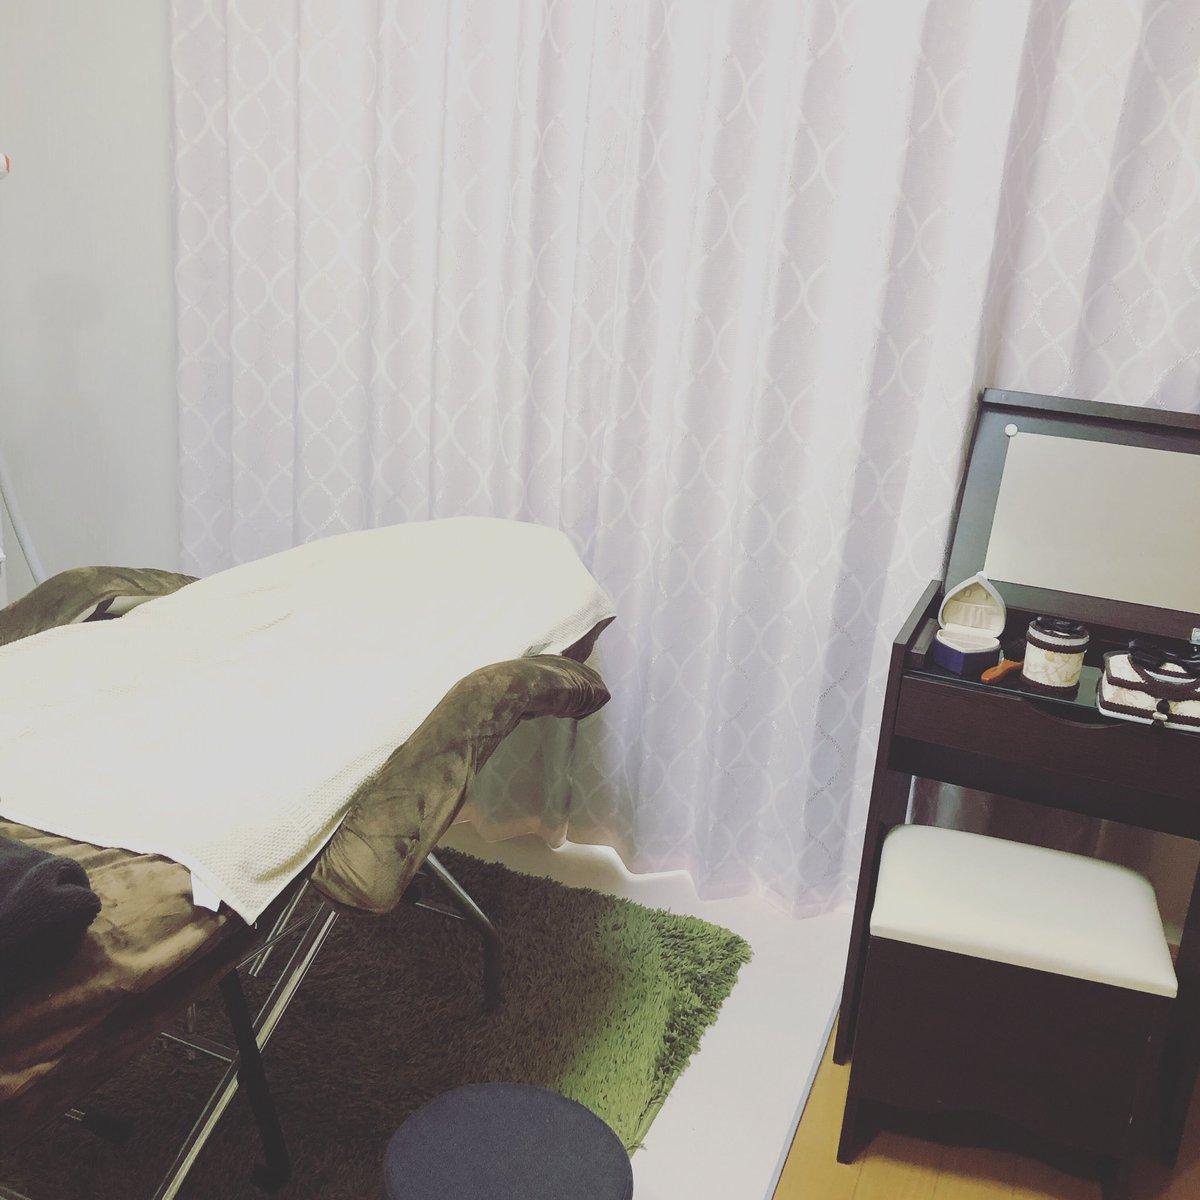 おはよう御座います♪夏に向けて、つるつるお肌を!今日はナイター営業を行います♪#安城市 住吉町#脱毛 と #フェイシャル #キッズ脱毛#メンズ脱毛、毛周期に関係なく施術出来る、お値打ちな #高速脱毛 です!emiko_vn@yahoo.co.jp080-4651-6299